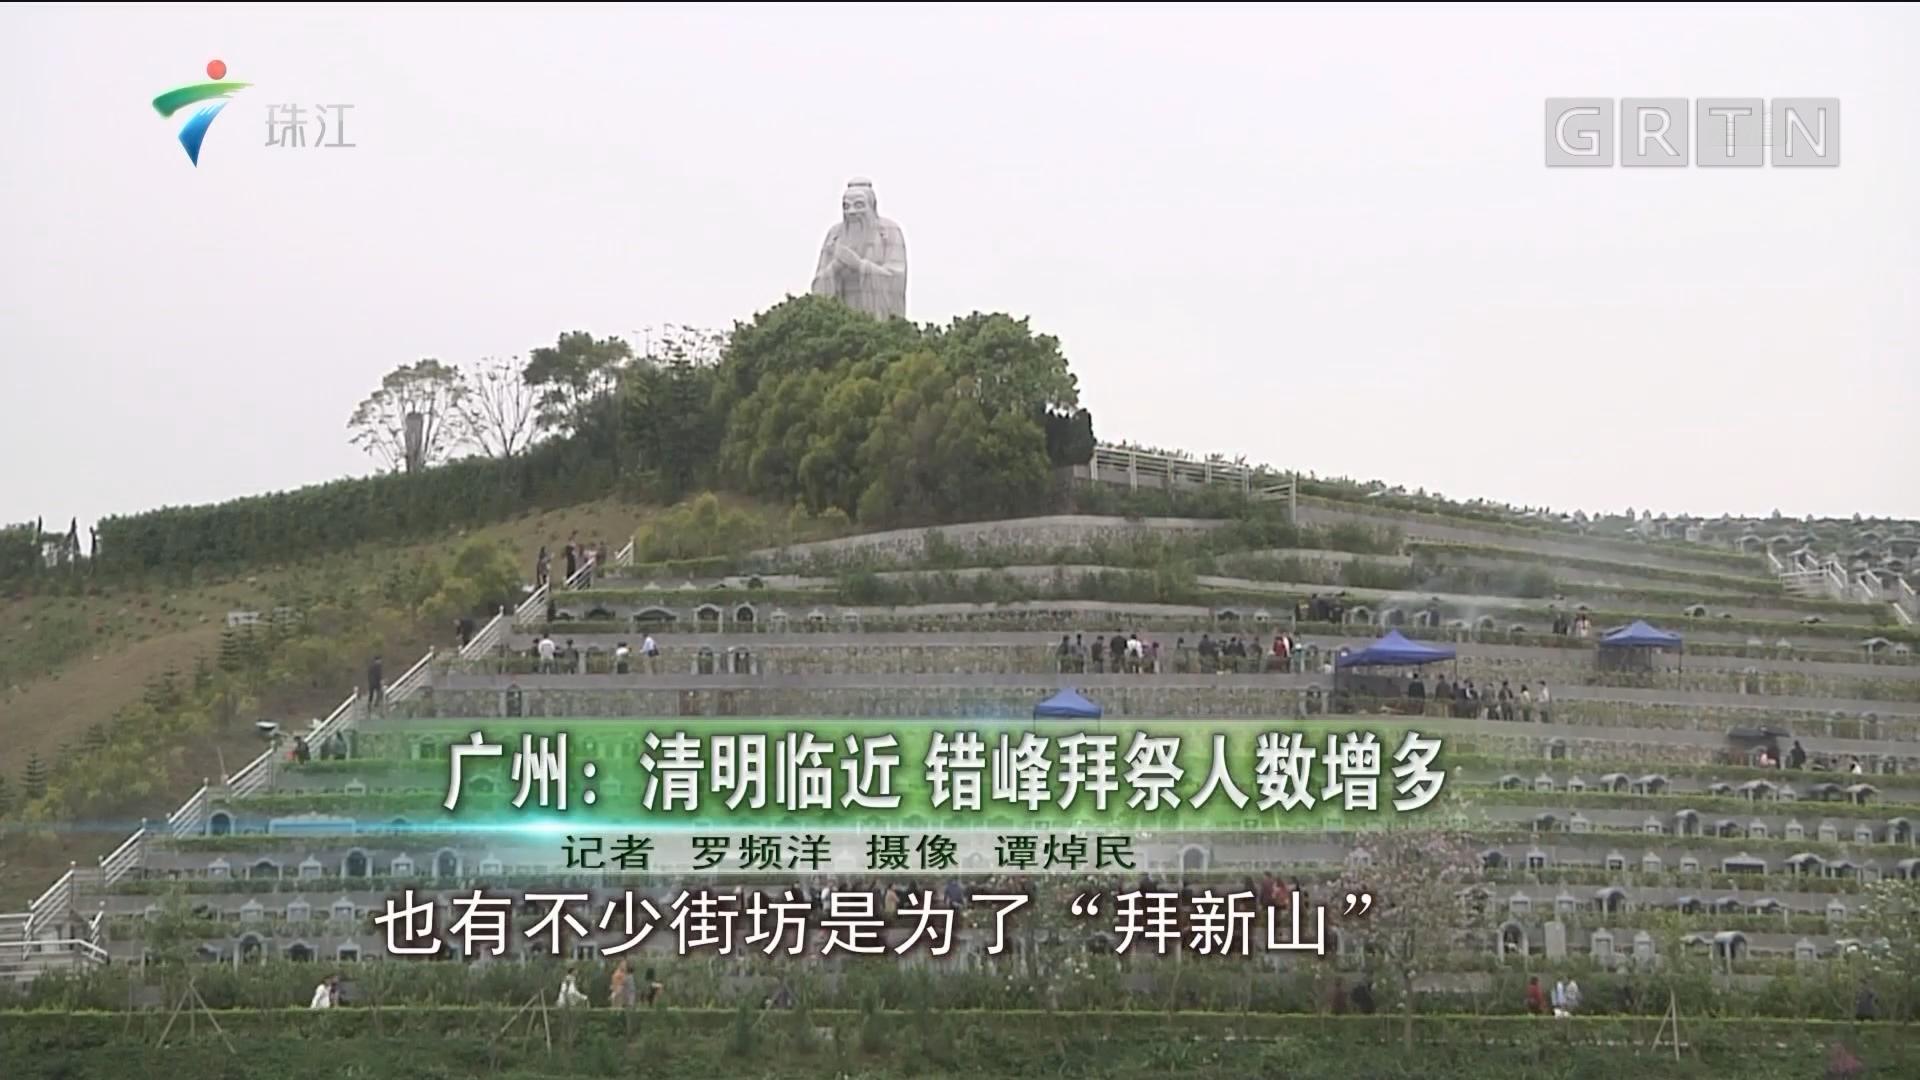 广州:清明临近 错峰拜祭人数增多